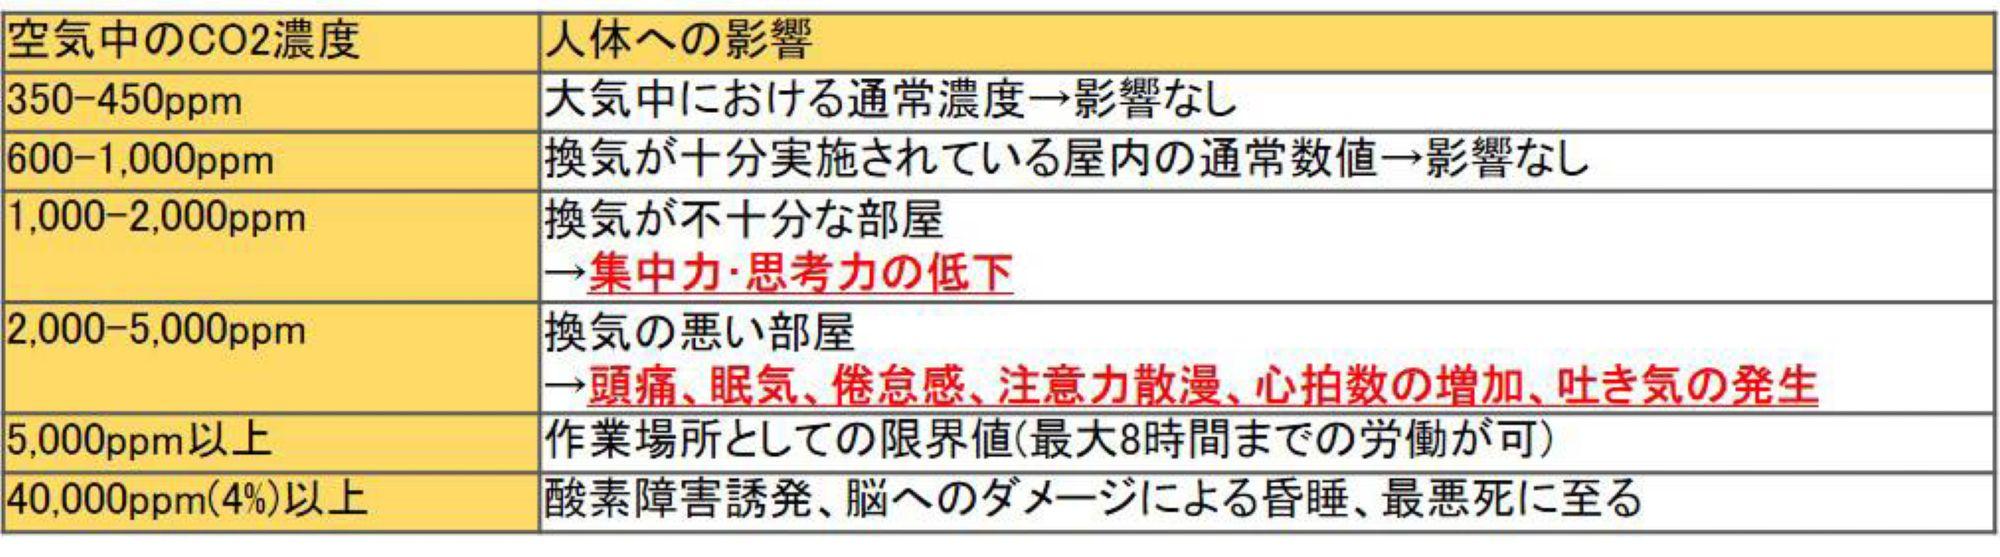 jp_testo-160IAQ_cloud_logger_doc2.jpg